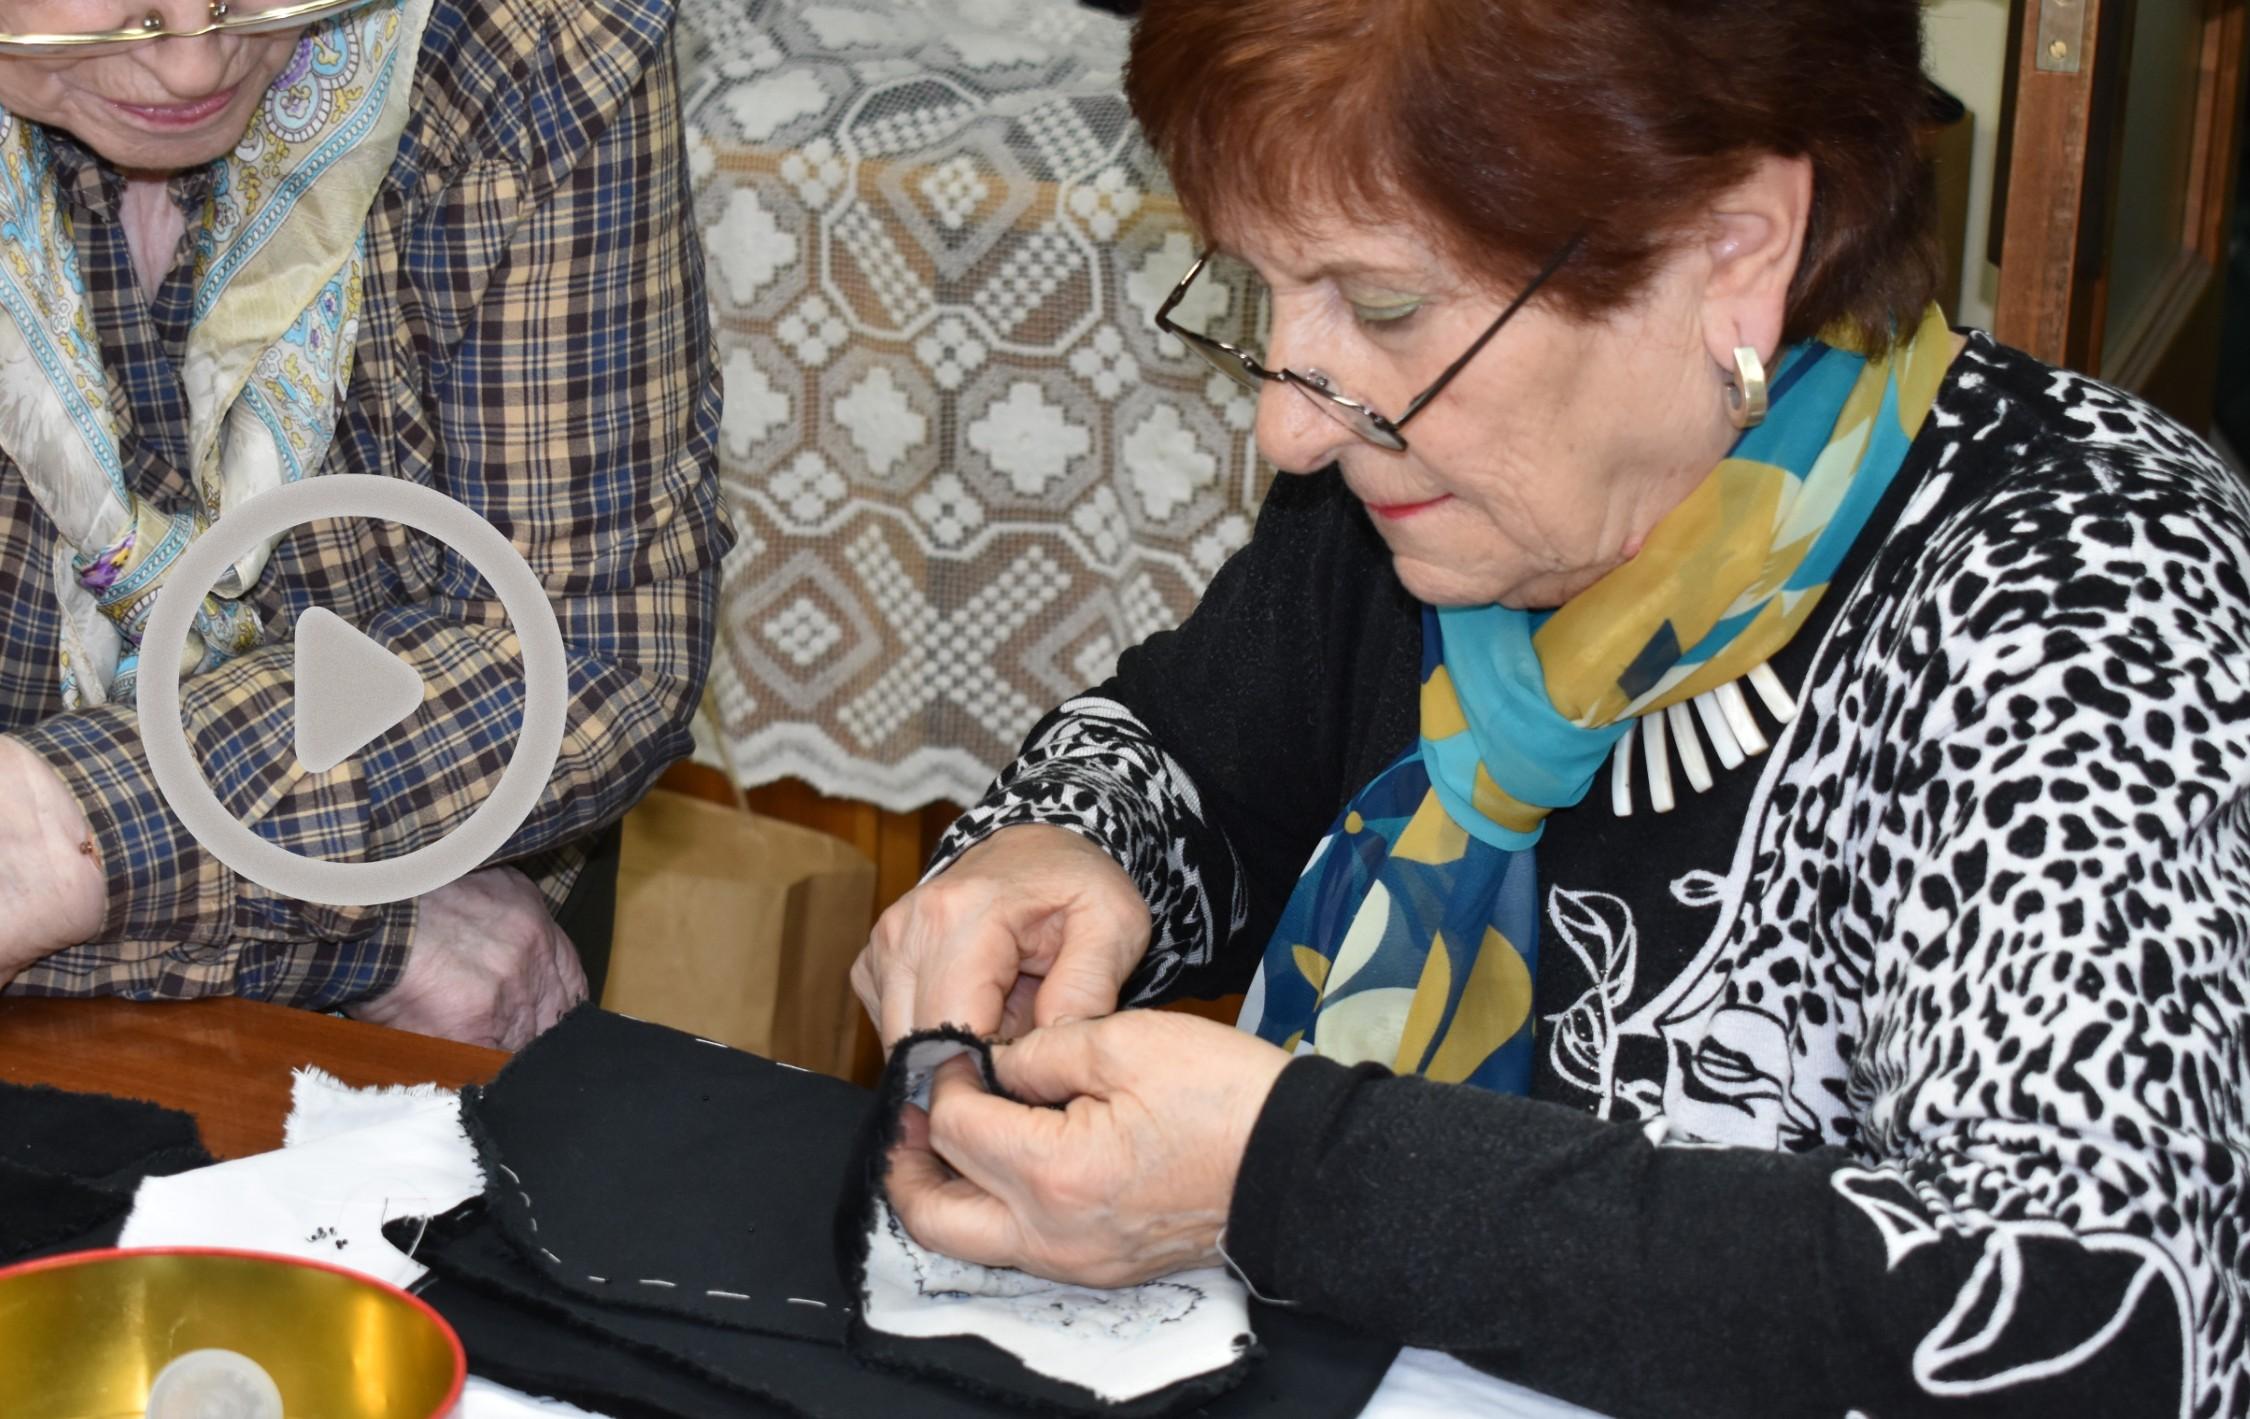 Feli Cañada: 'Creo que he venido a este mundo para enseñar lo que me gusta'